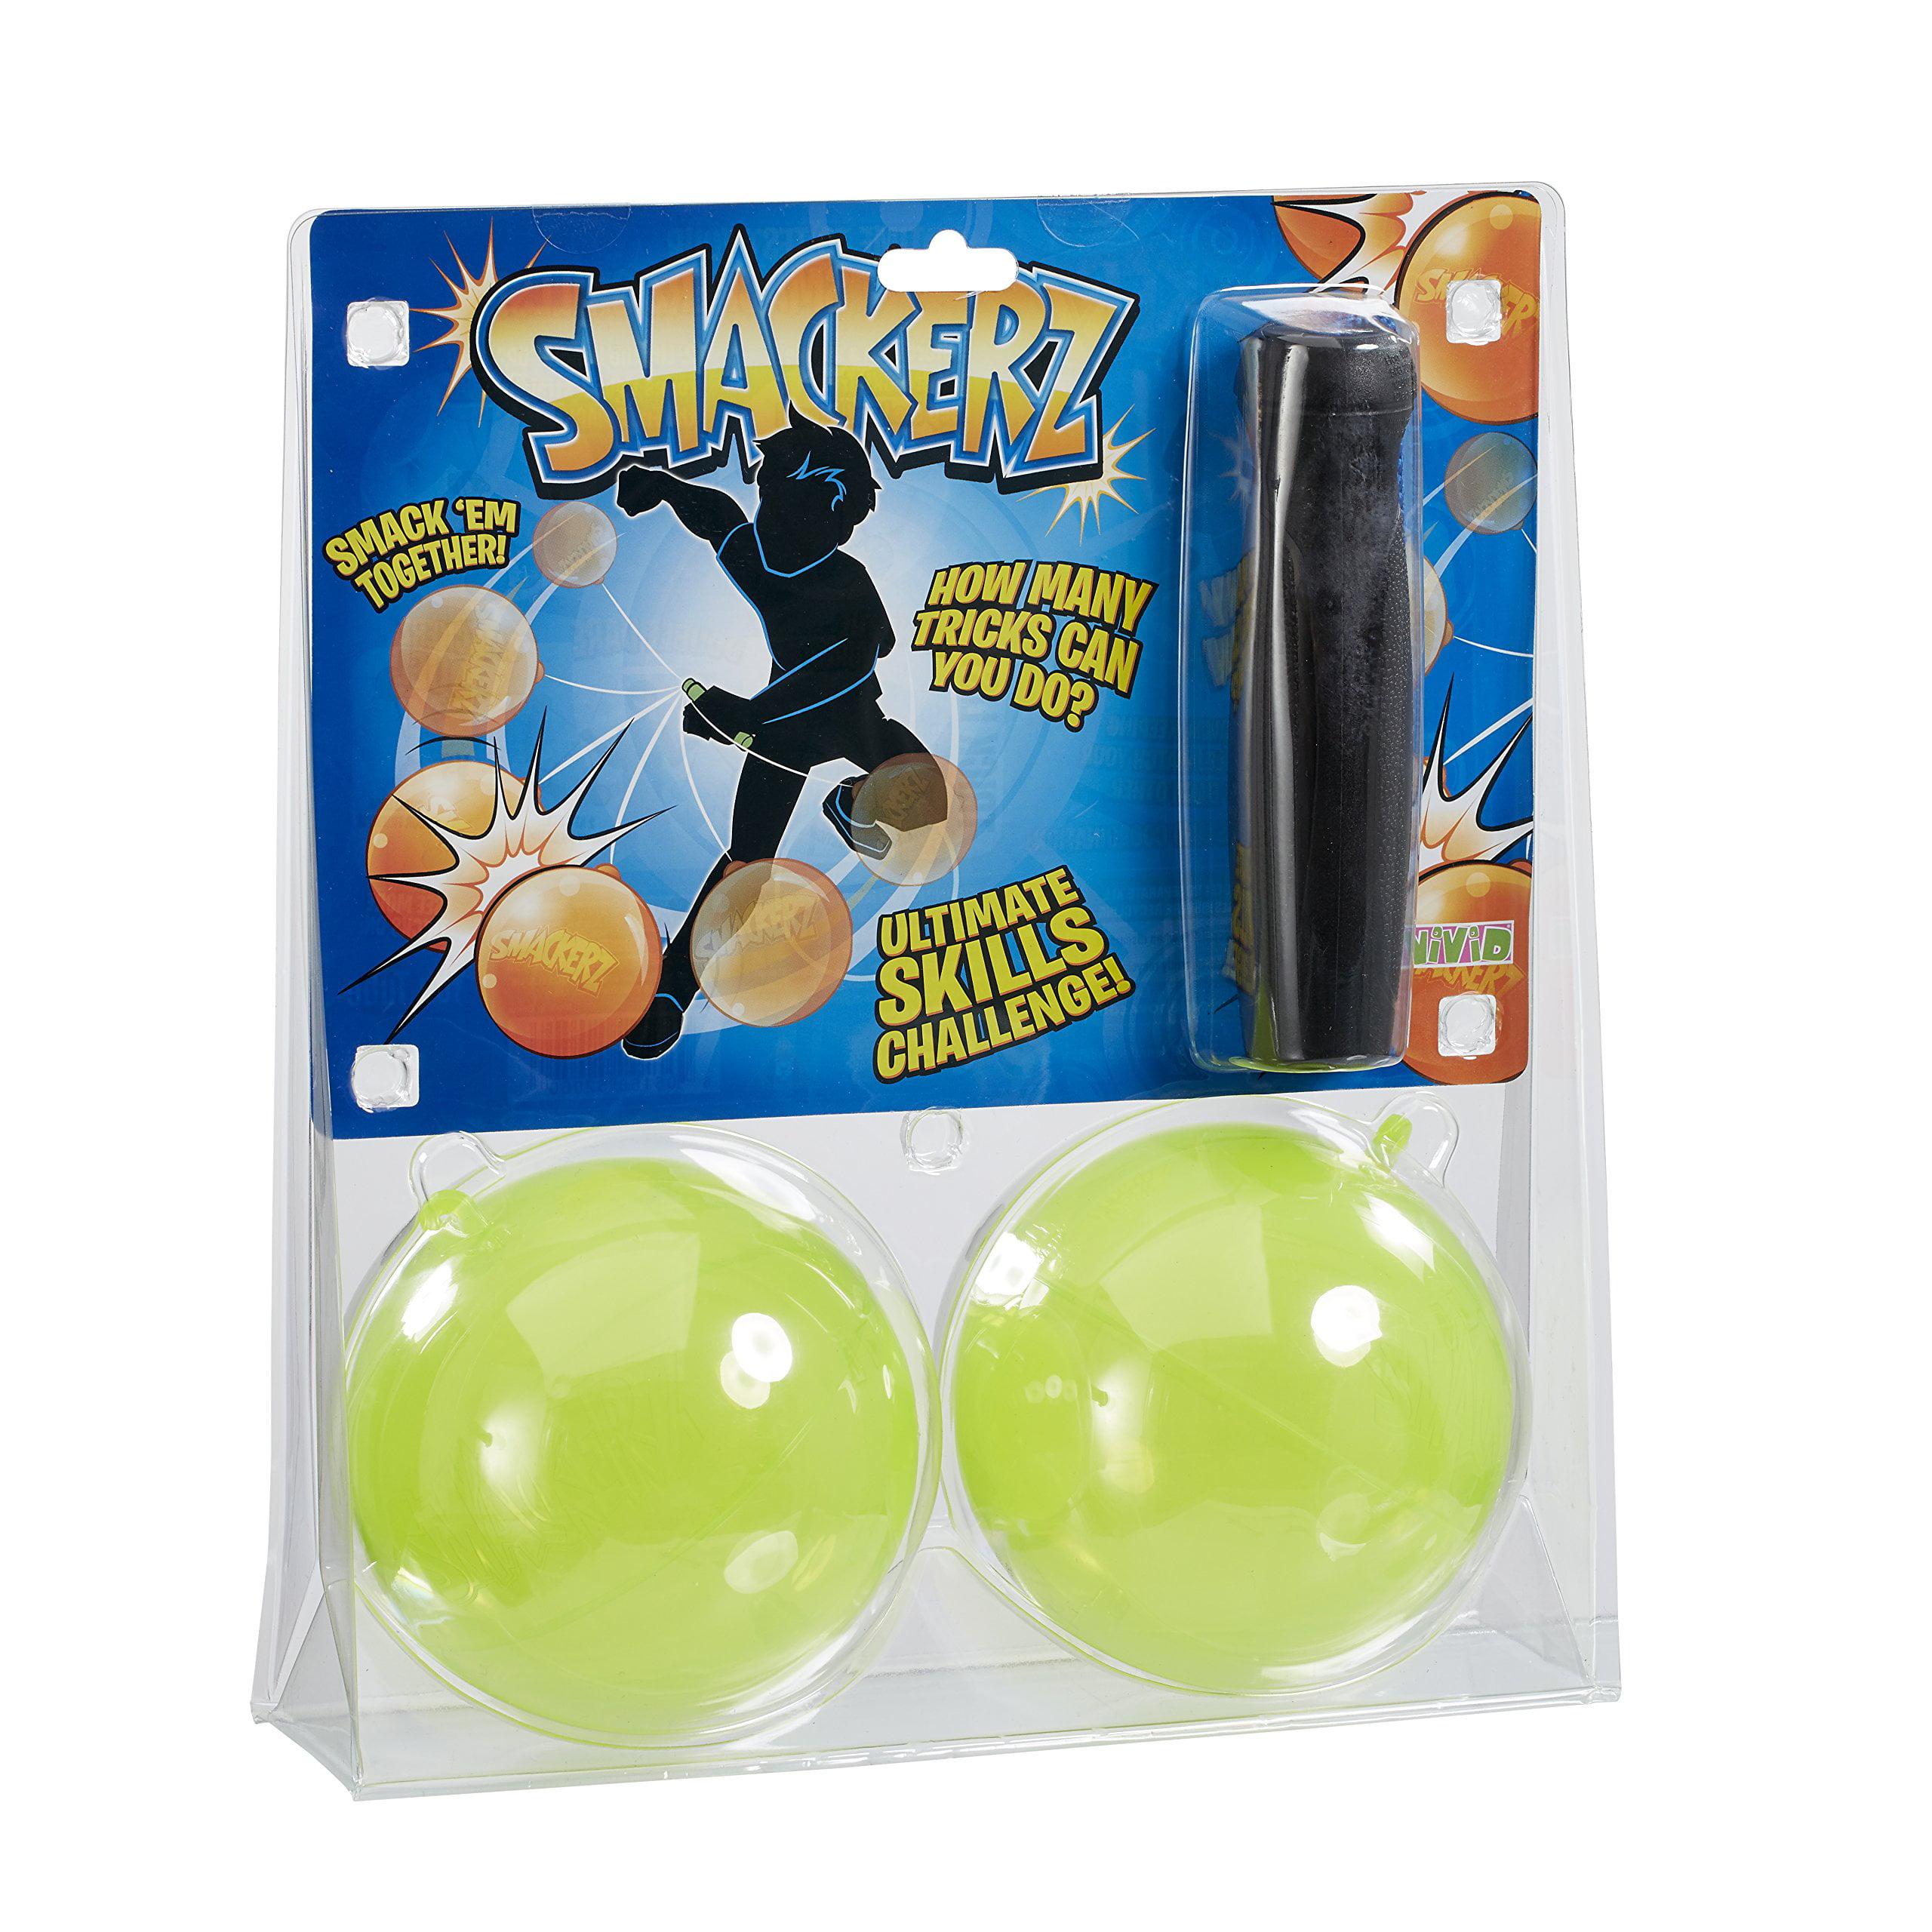 Hog Wild Smackerz Softball, Assorted Colors - image 4 de 9